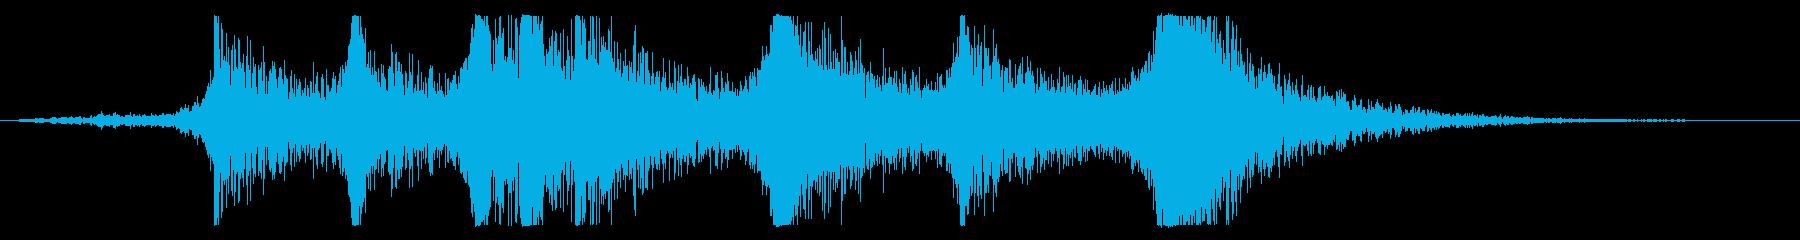 ライザー、メタルヒット、チェーン、...の再生済みの波形